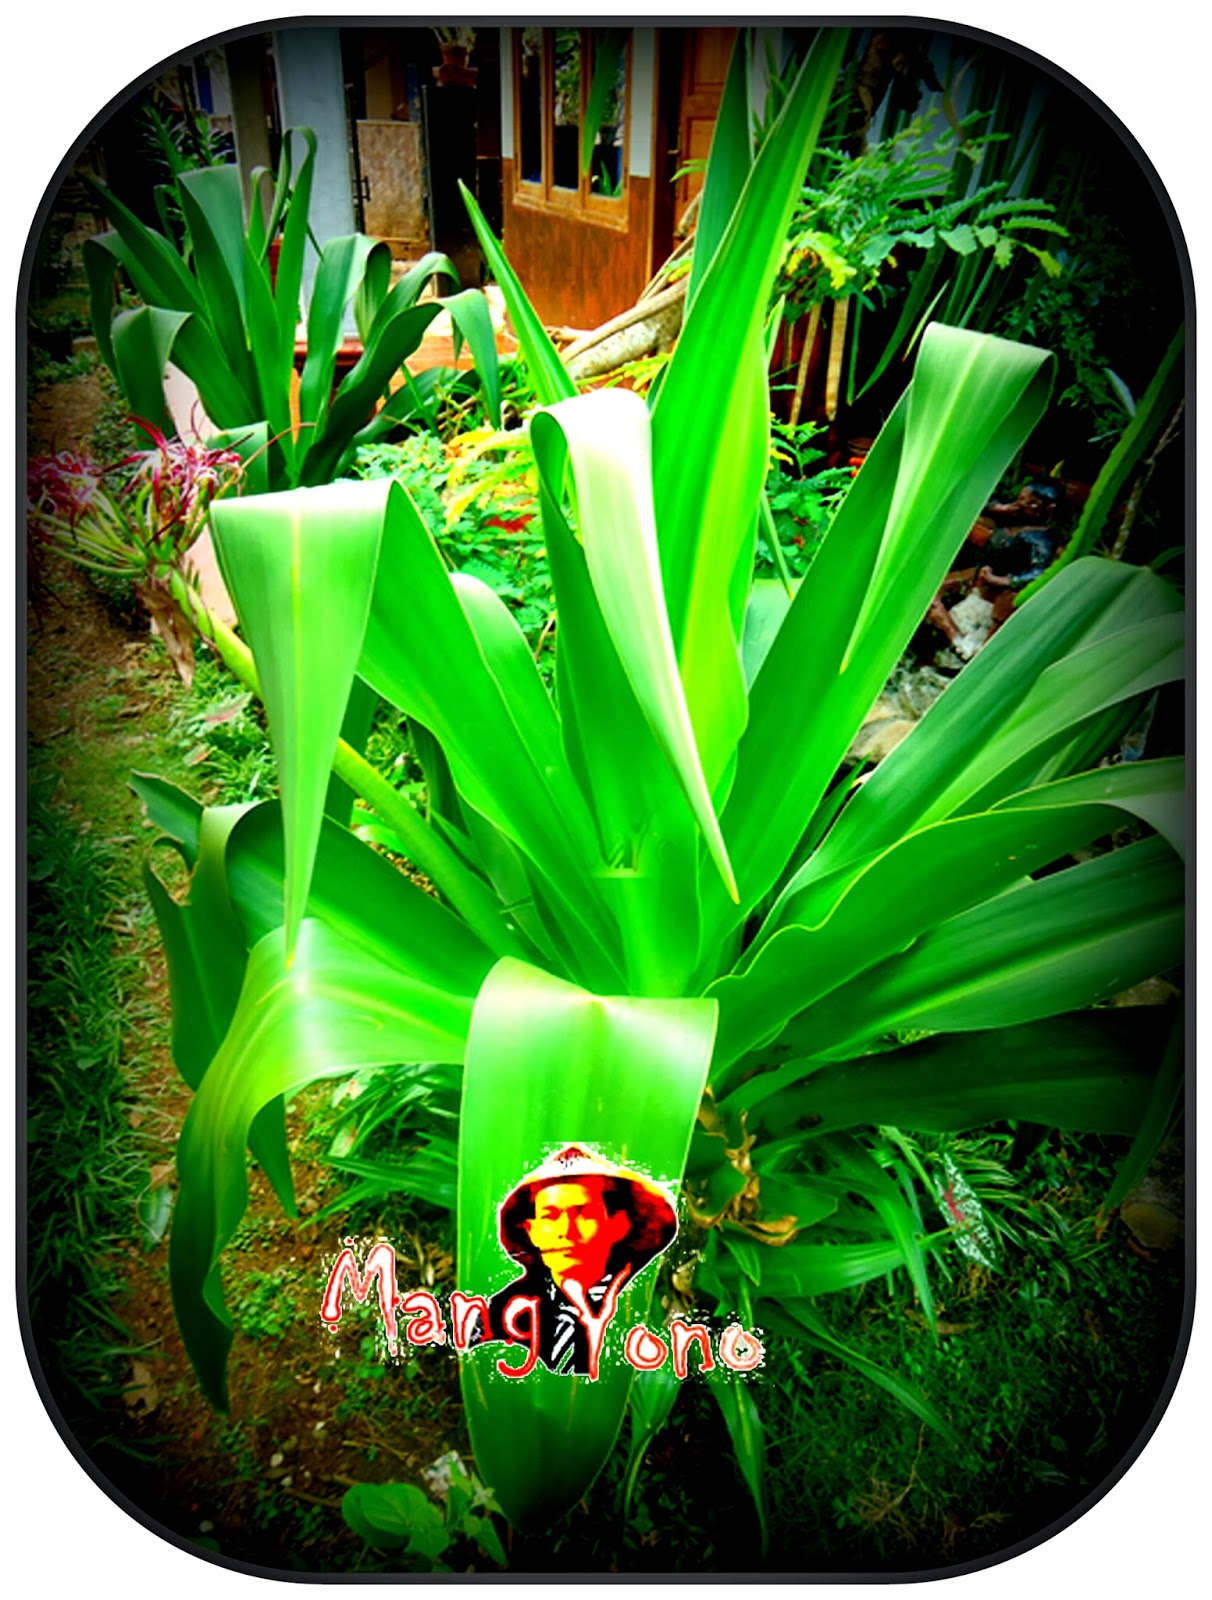 Download 81 Gambar Kata Bunga Bakung HD Paling Keren